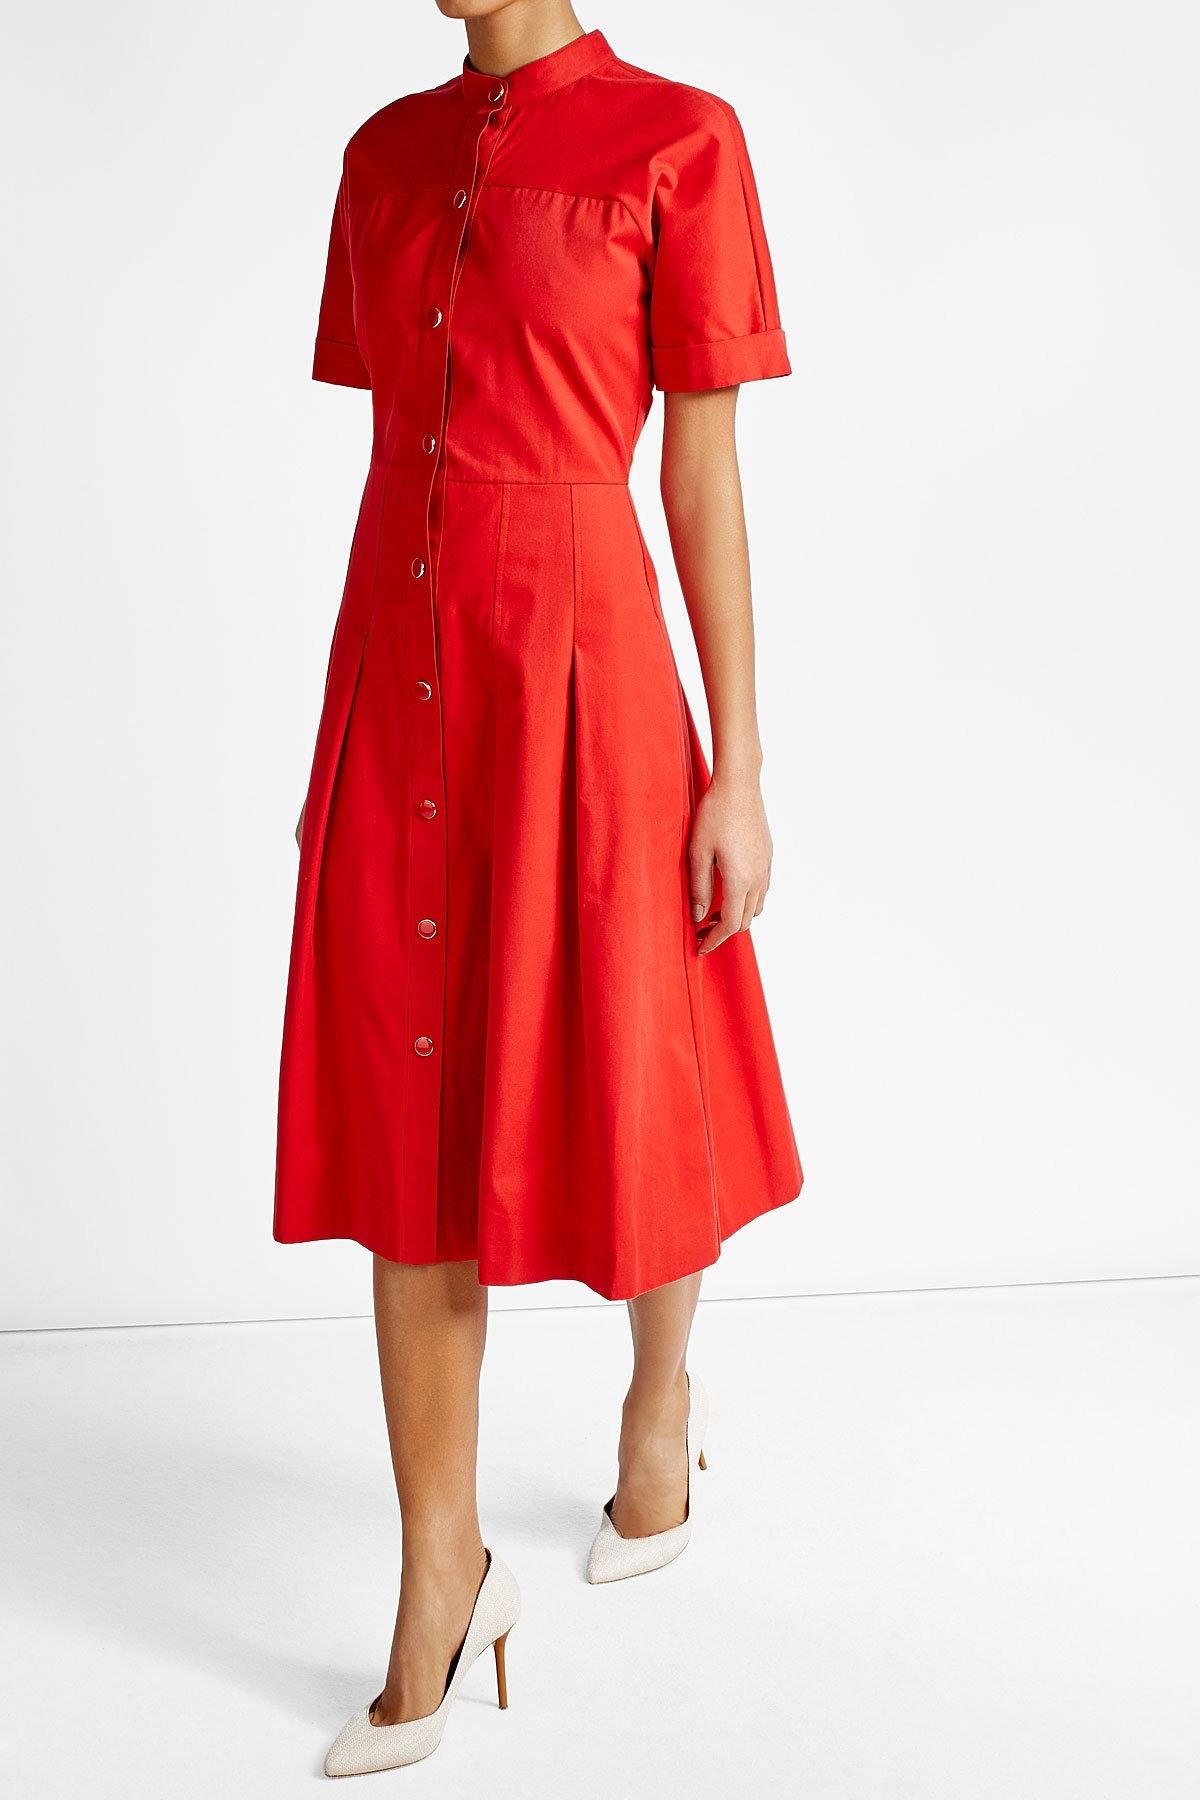 20 Ausgezeichnet Zara Damen Abendkleider für 2019Designer Top Zara Damen Abendkleider Stylish